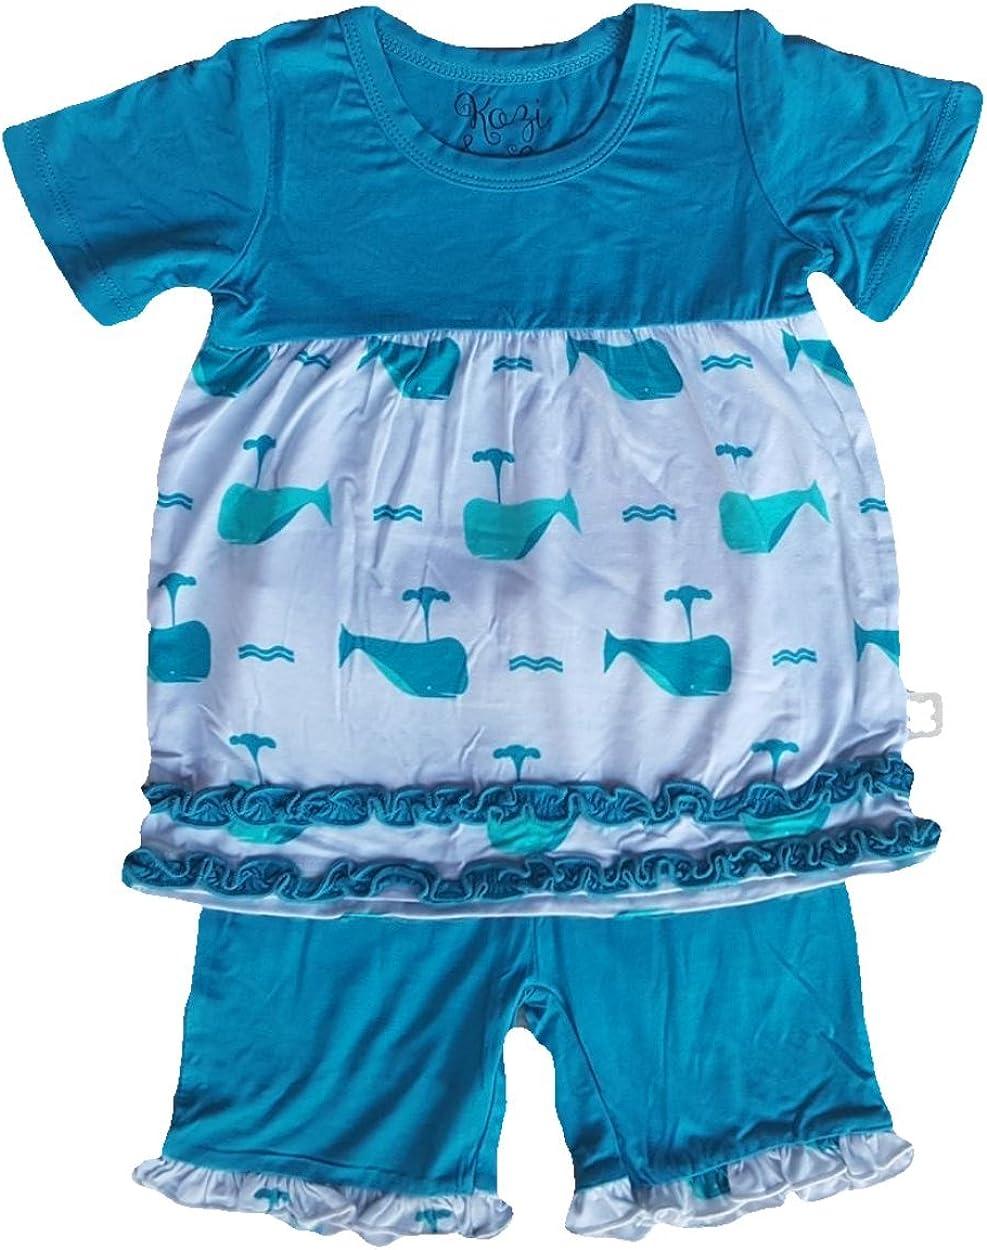 shipfree Kozi Co. New product type Girls Short Sleeve Tunic 5 Aqua Set Years Whales